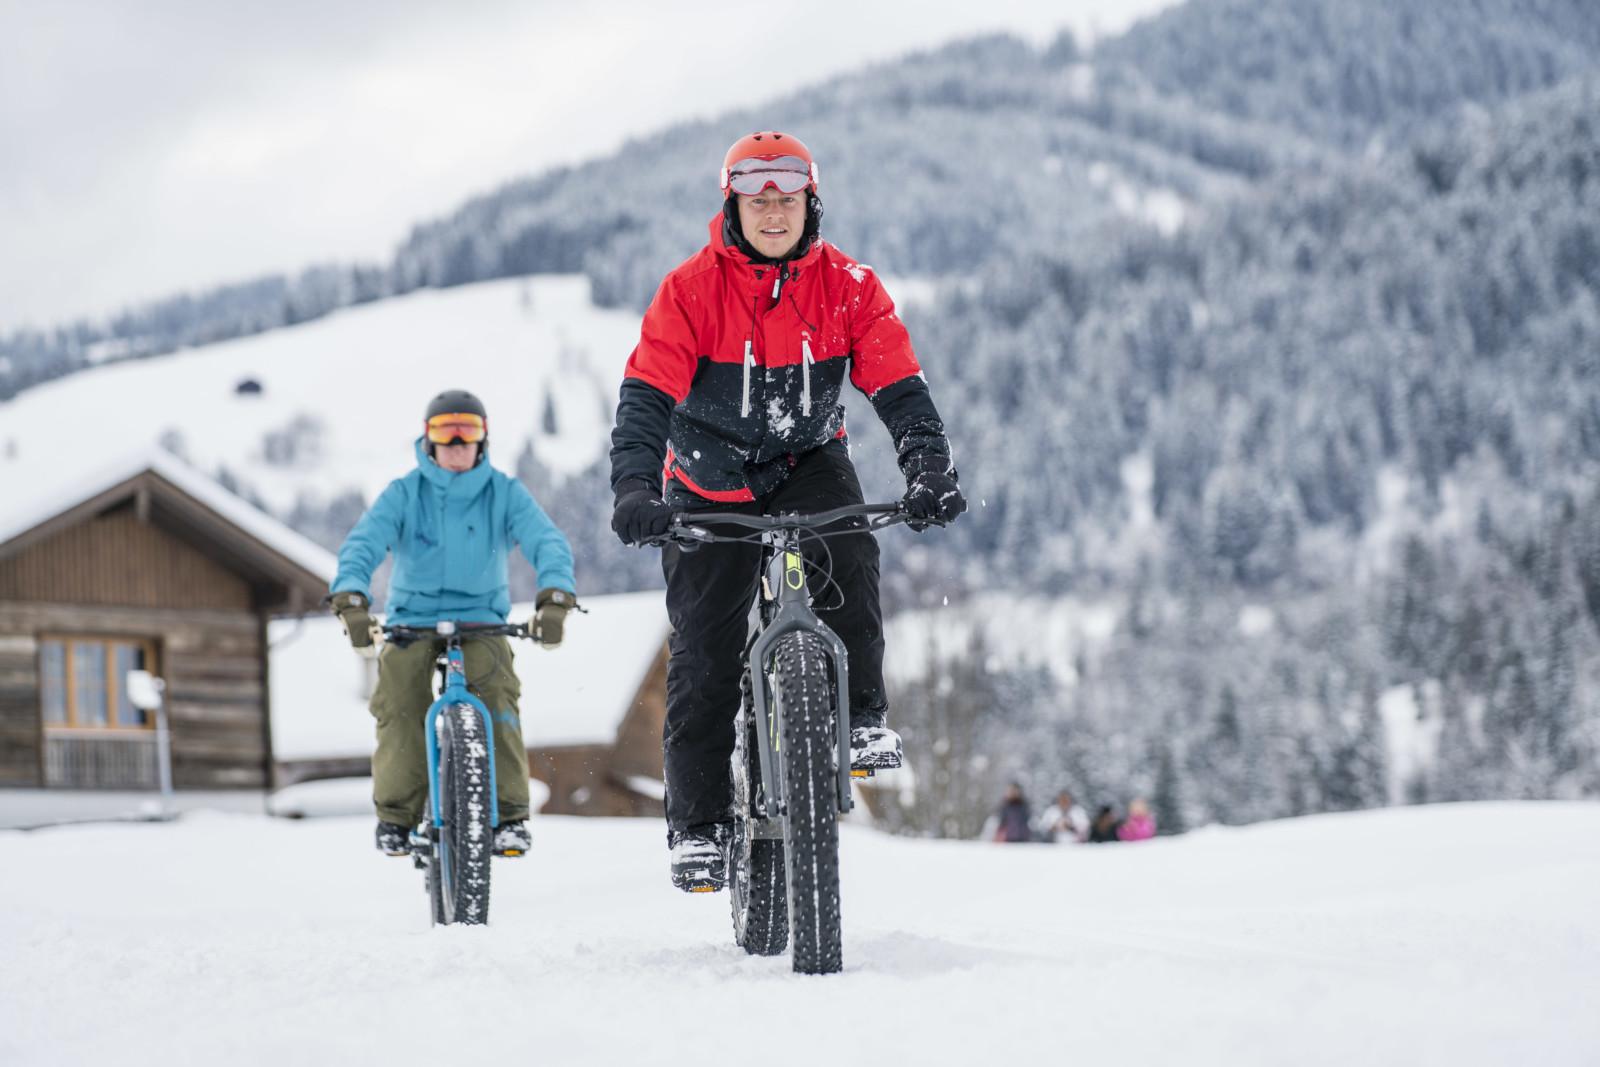 Je weicher der Schnee desto härter der Tritt (c)wildbild/Kirchmaier